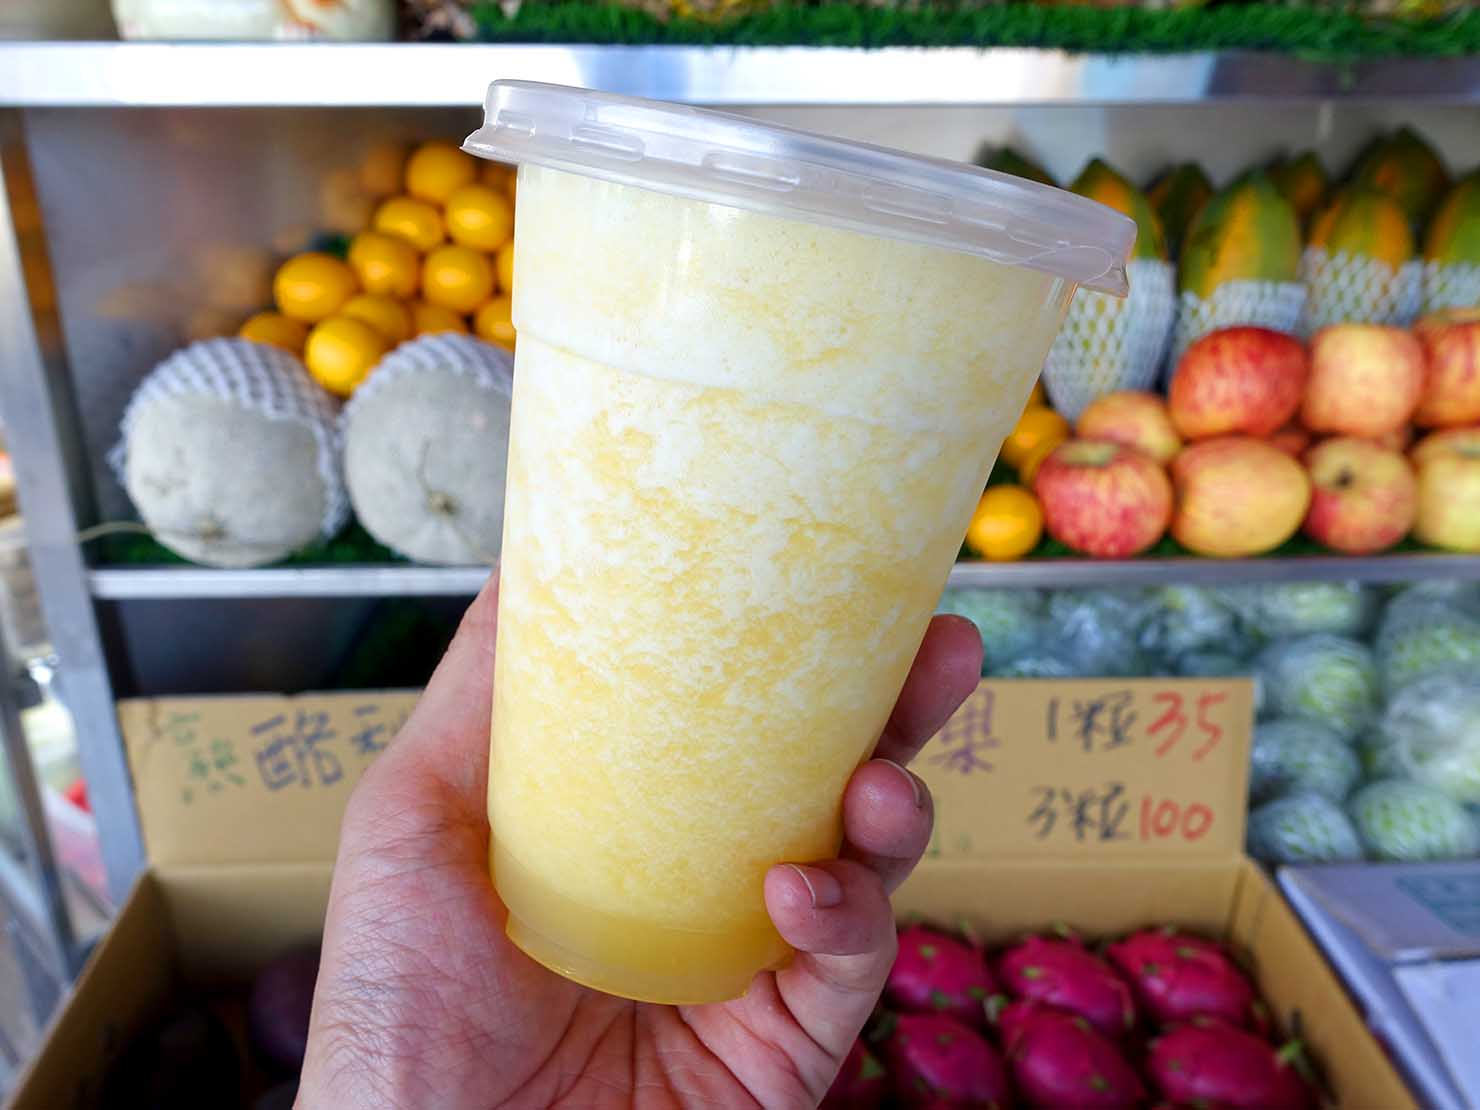 台北・善導寺のおすすめグルメ店「君君果汁吧」の蘋果鳳梨汁